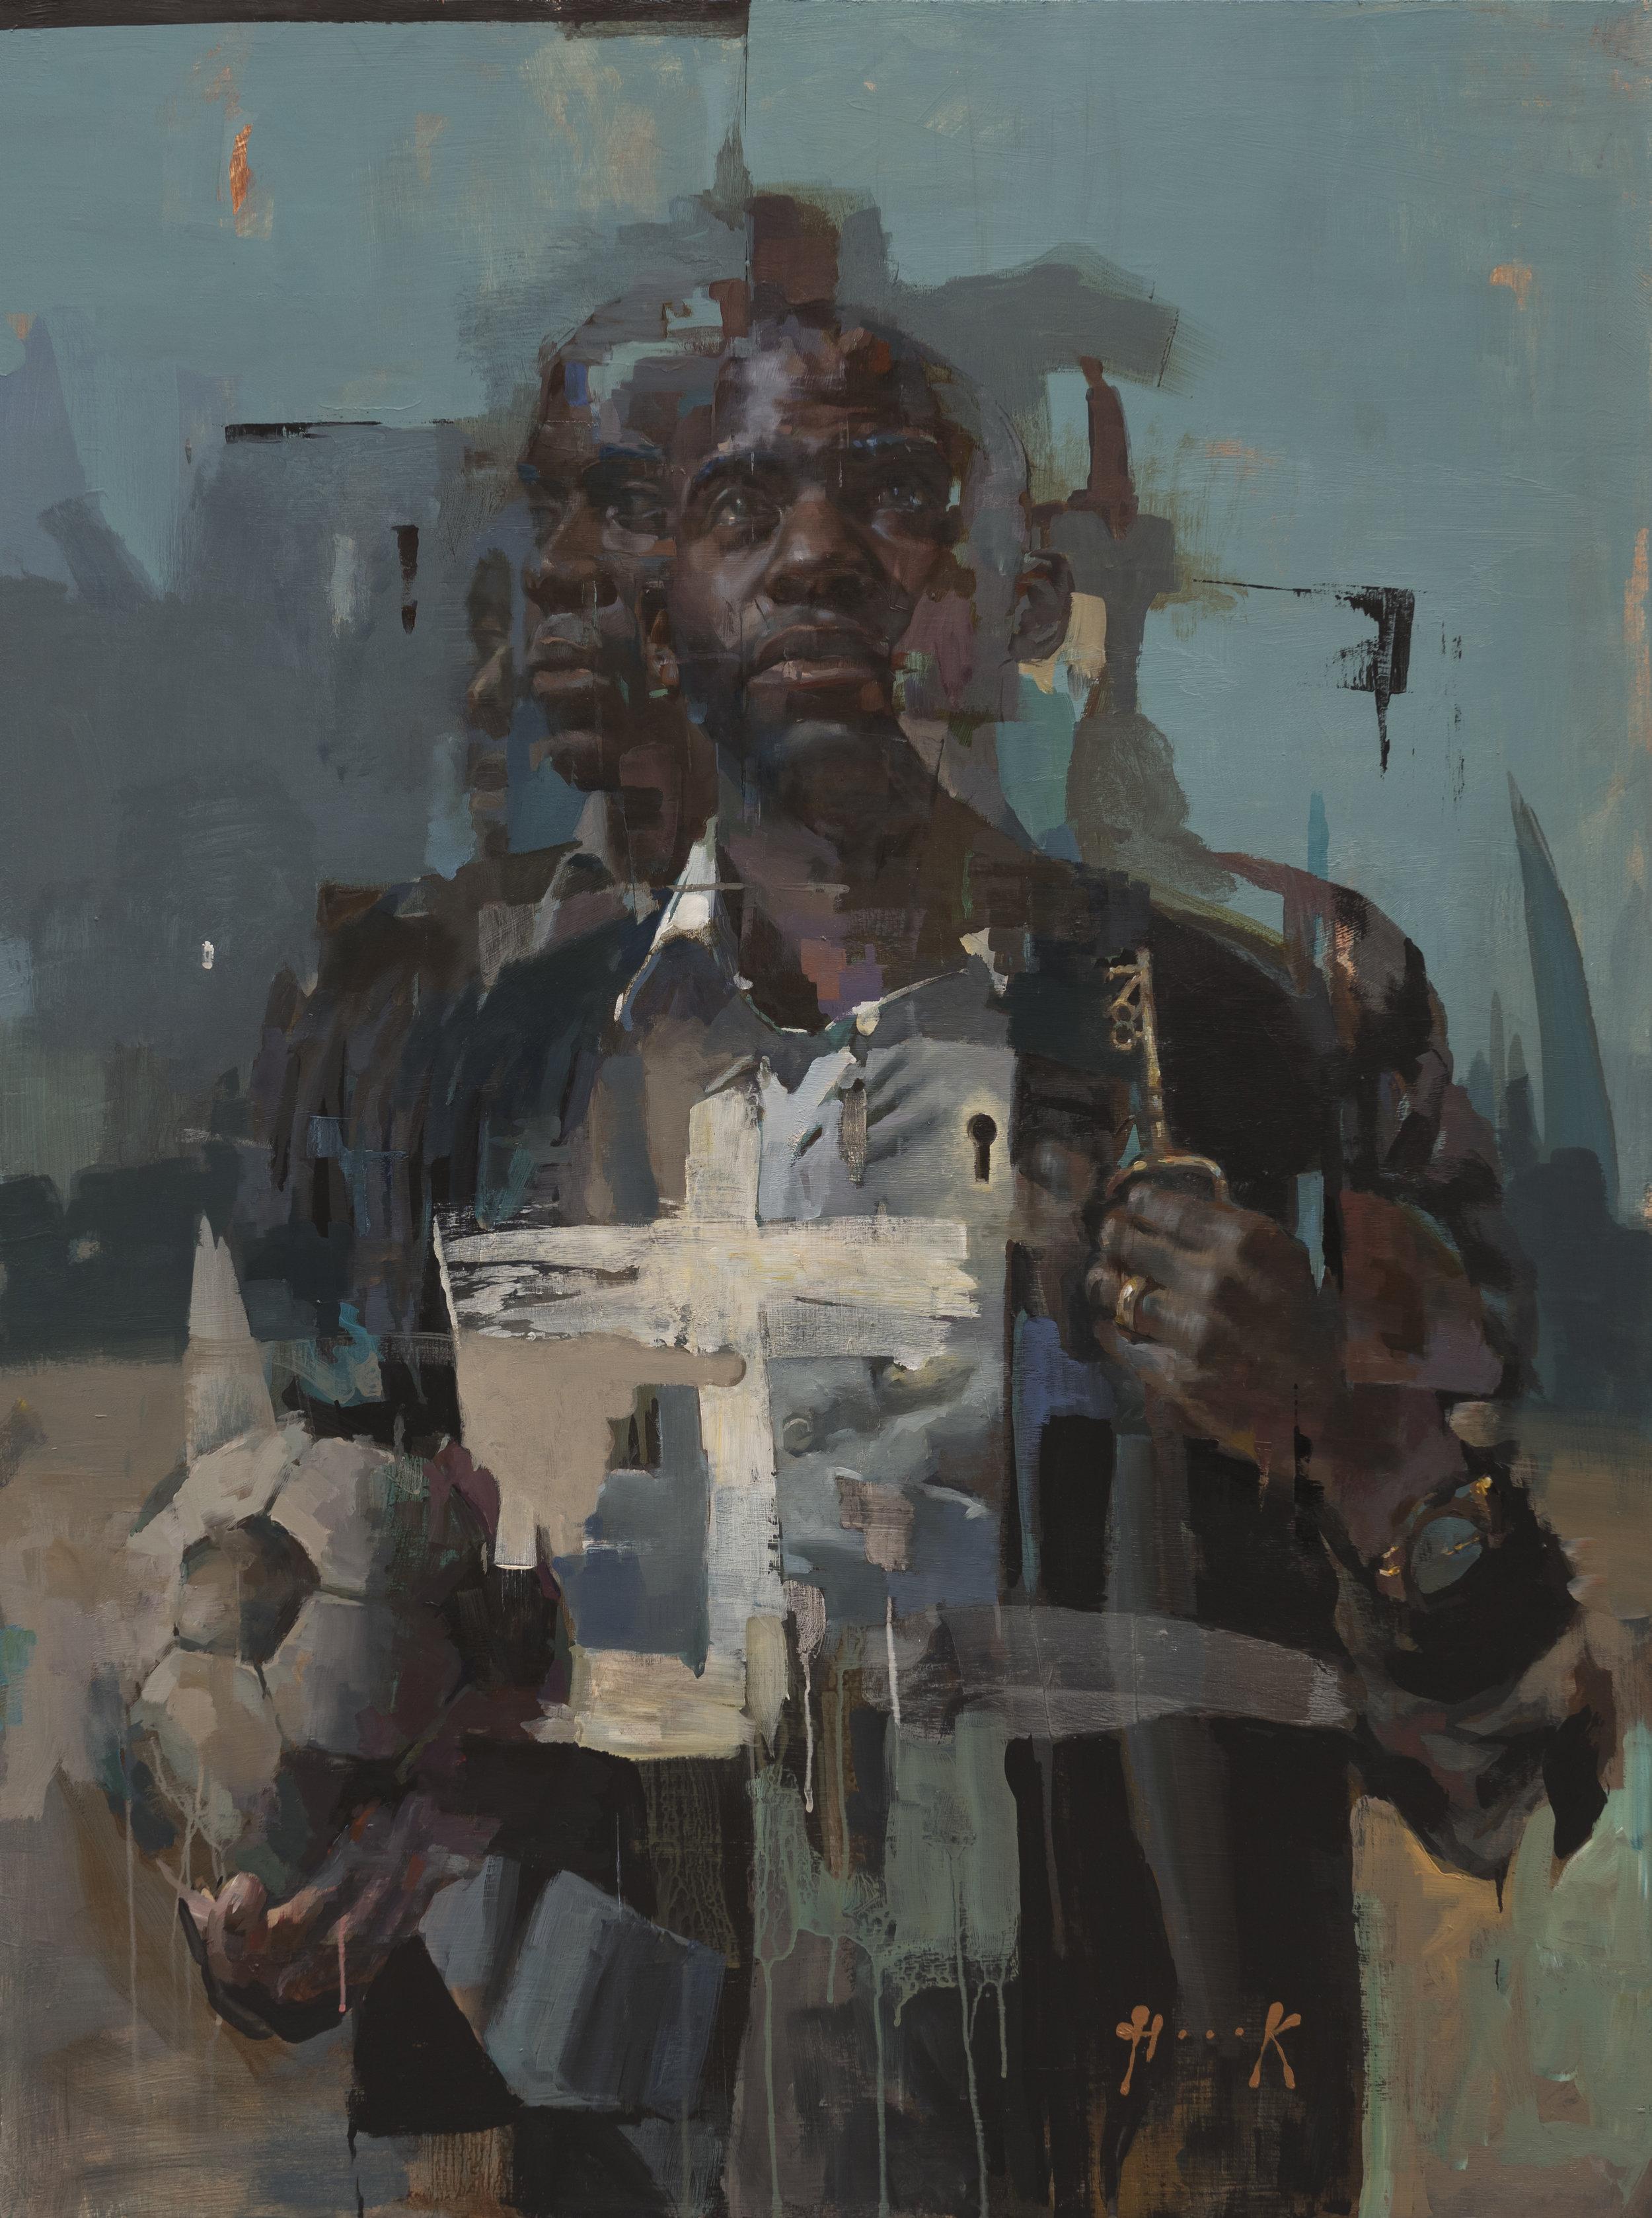 Fabrice Muamba - A Second Chance